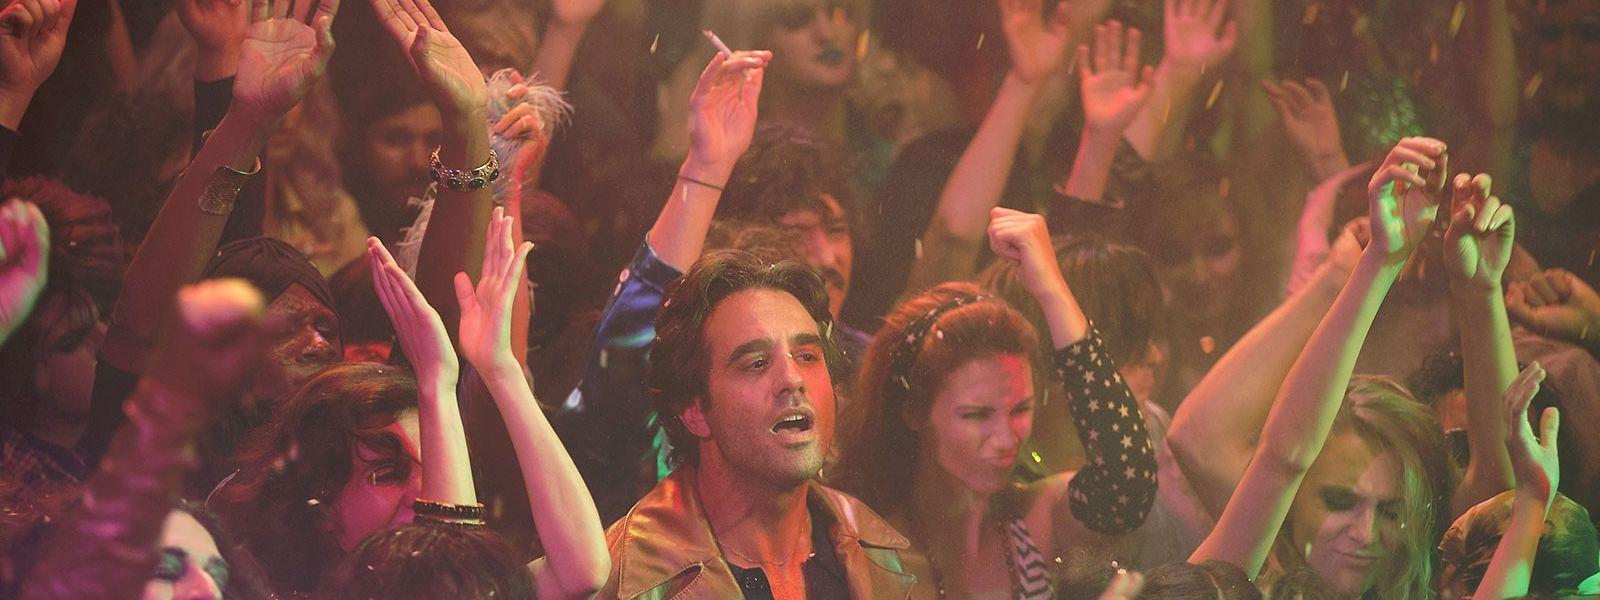 """Das Konzert der Punkband """"New York Dolls"""" wird für den Plattenboss Richie Finestra (Bobby Cannavale) zum Erweckungserlebnis."""